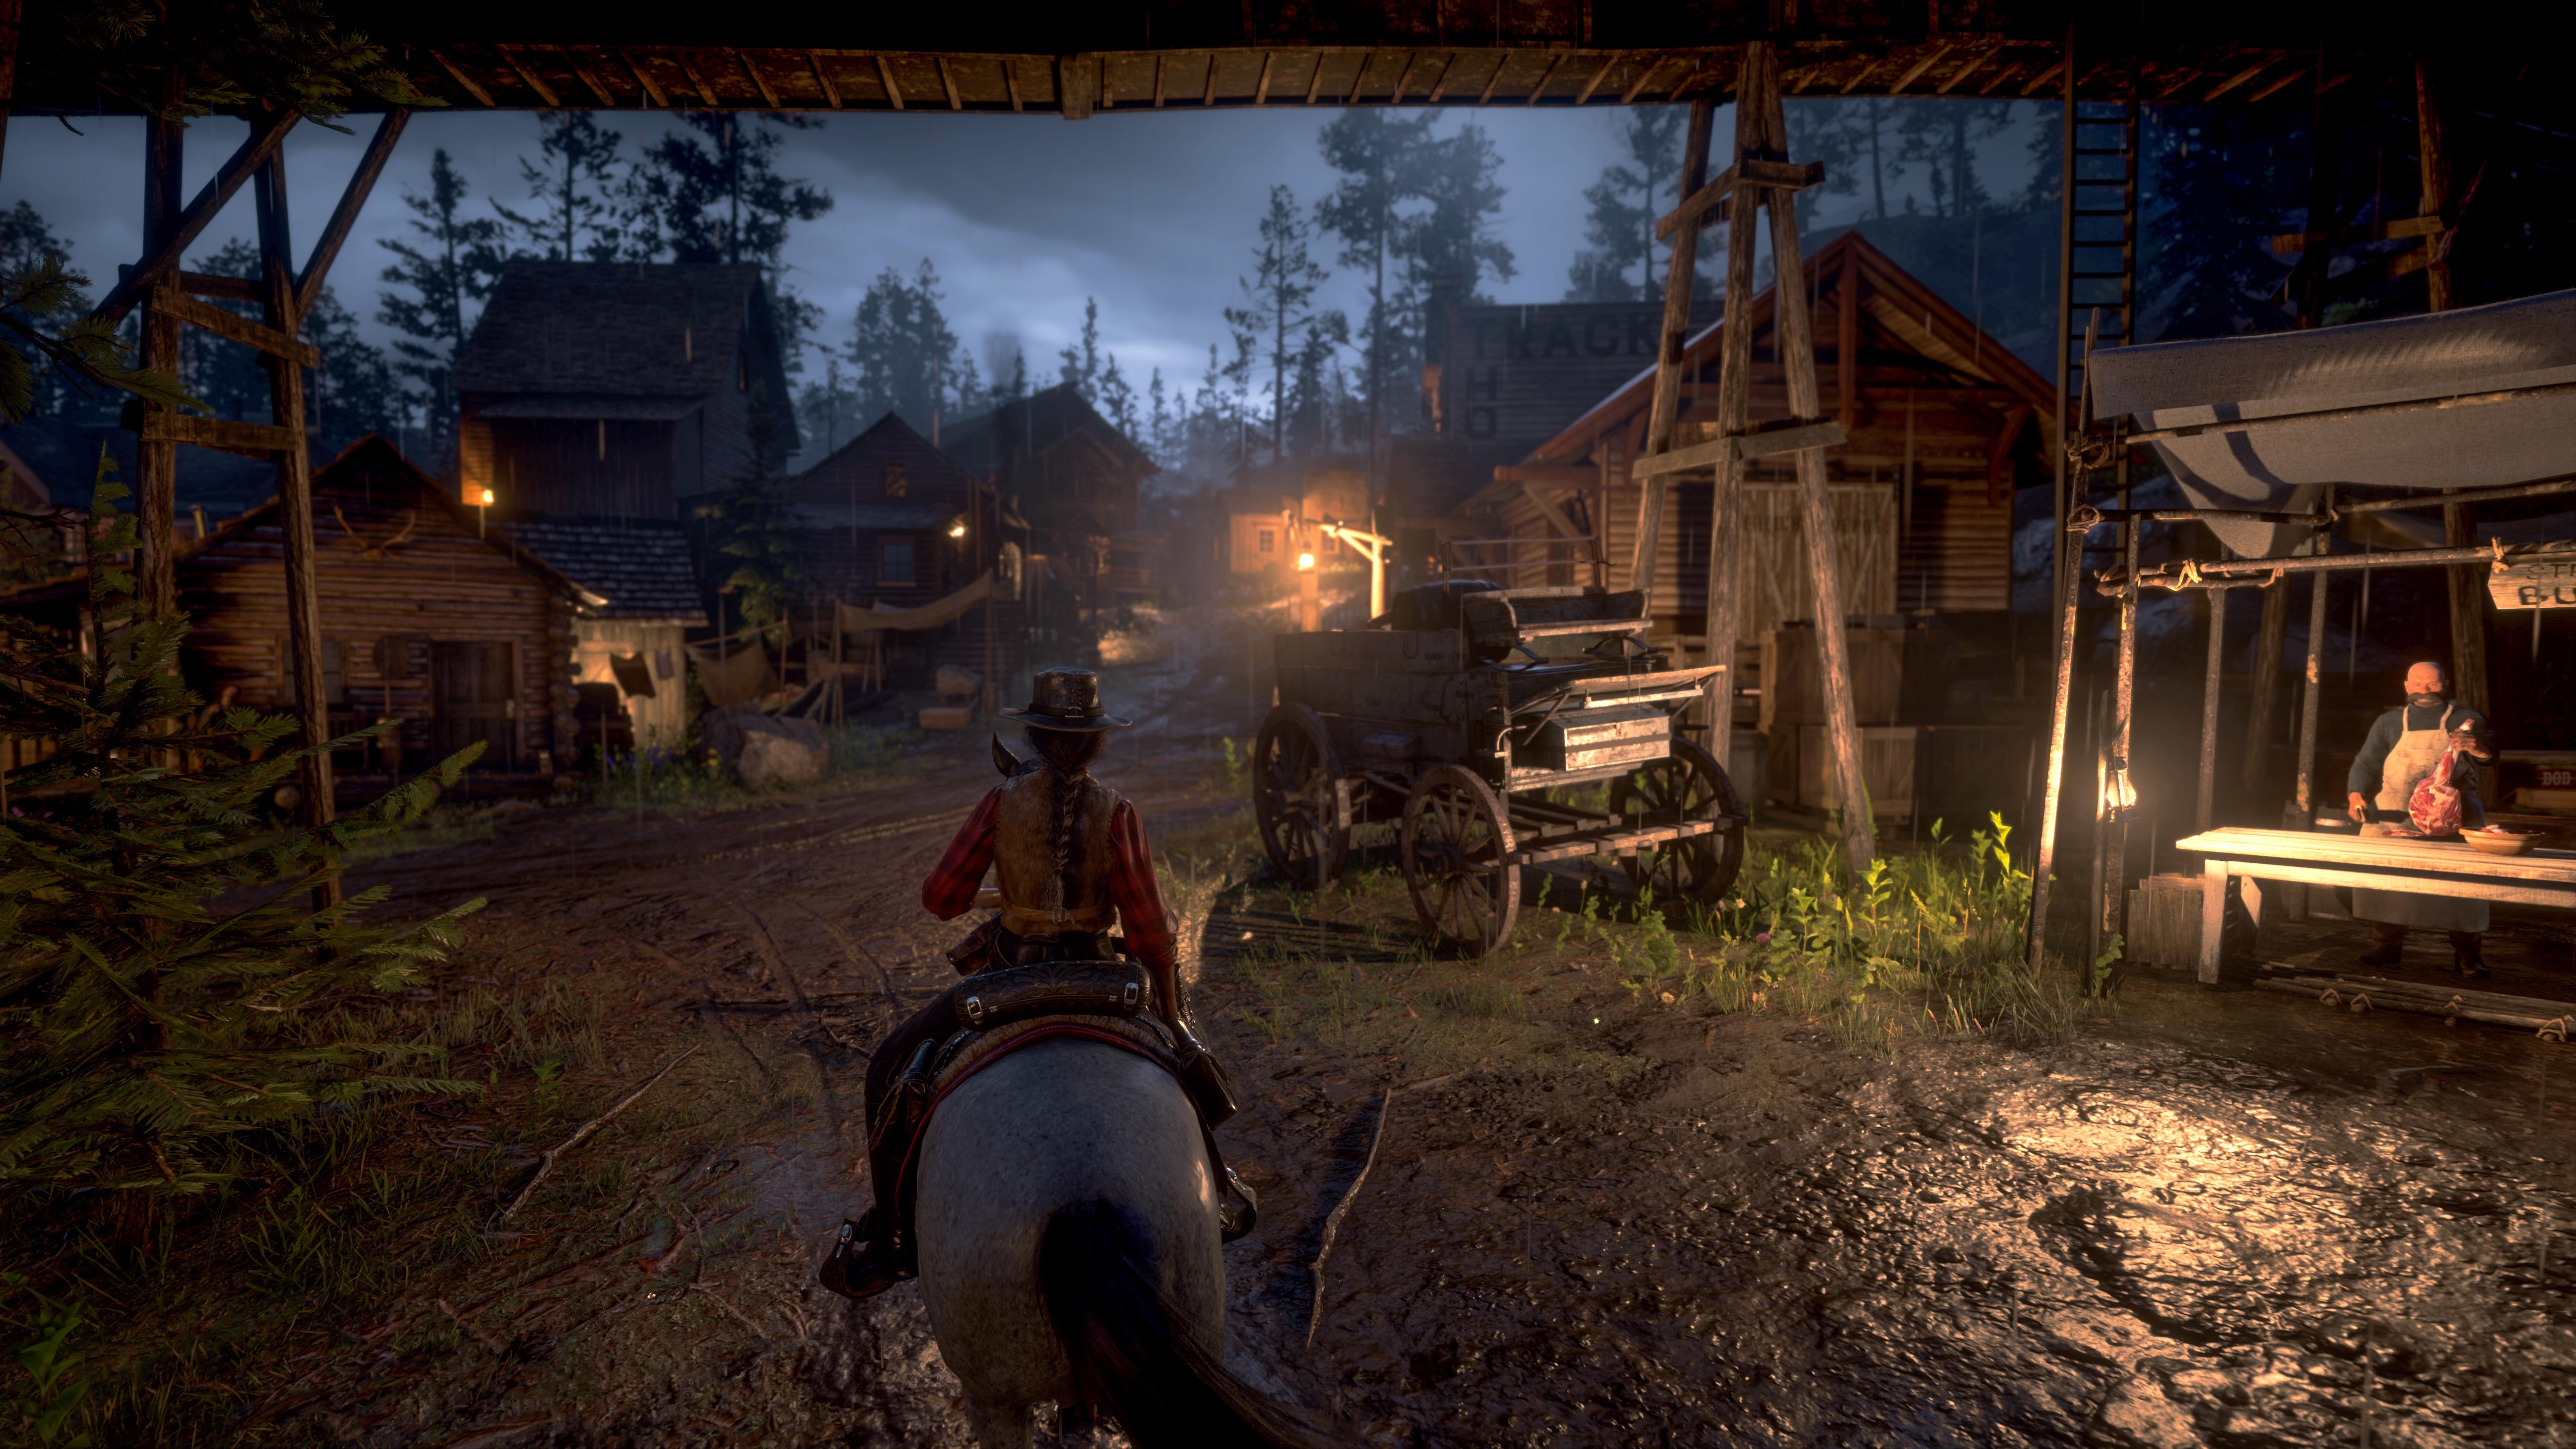 Red Dead Redemption 2 Screenshot 2021.02.21 - 23.17.48.62.jpg - Red Dead Redemption 2